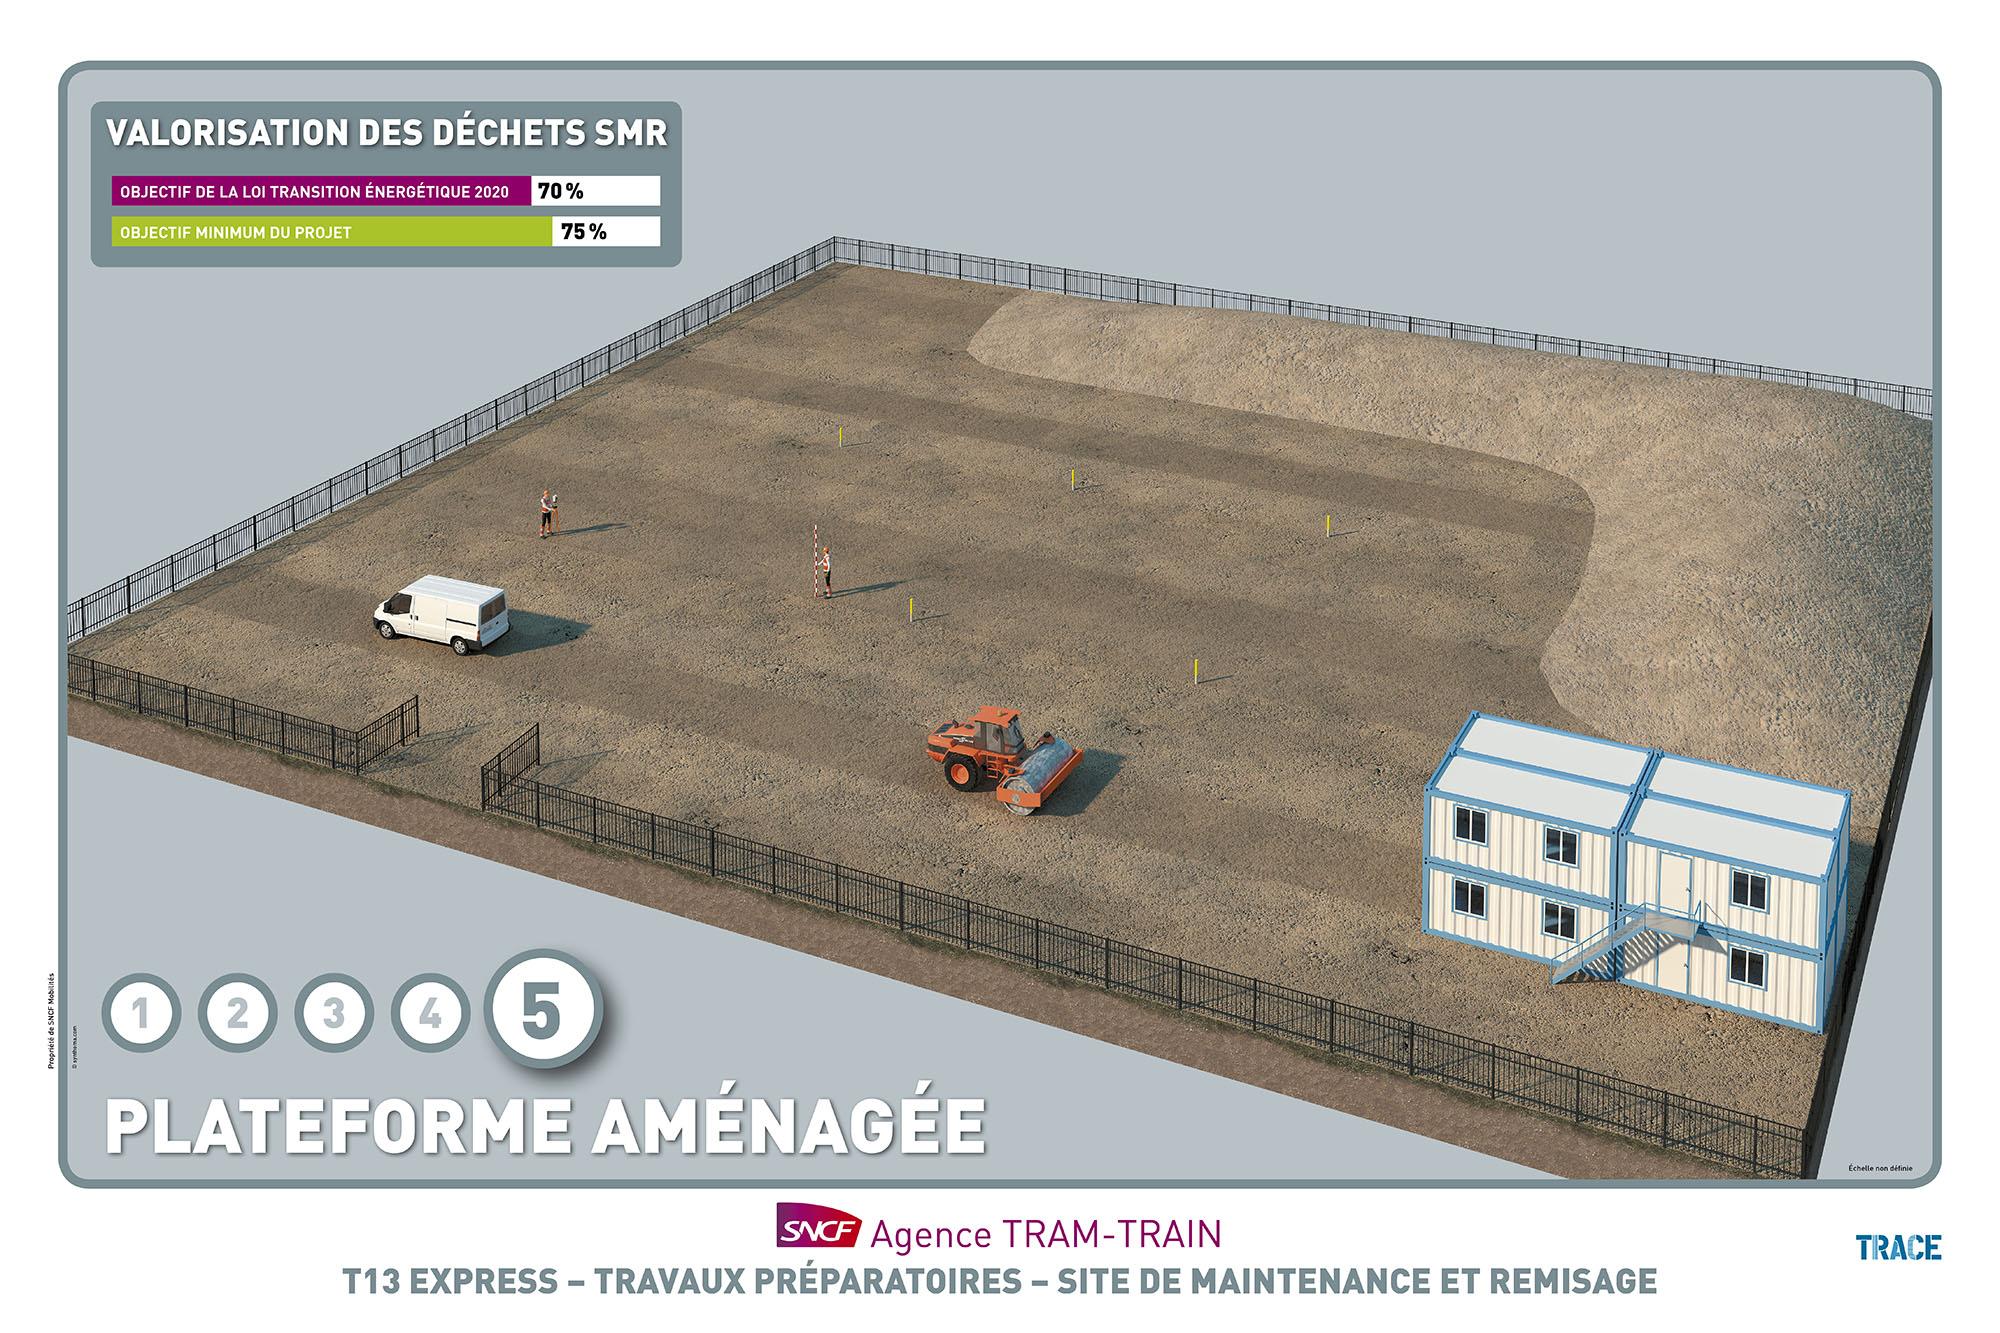 panneaux-Trace5LR